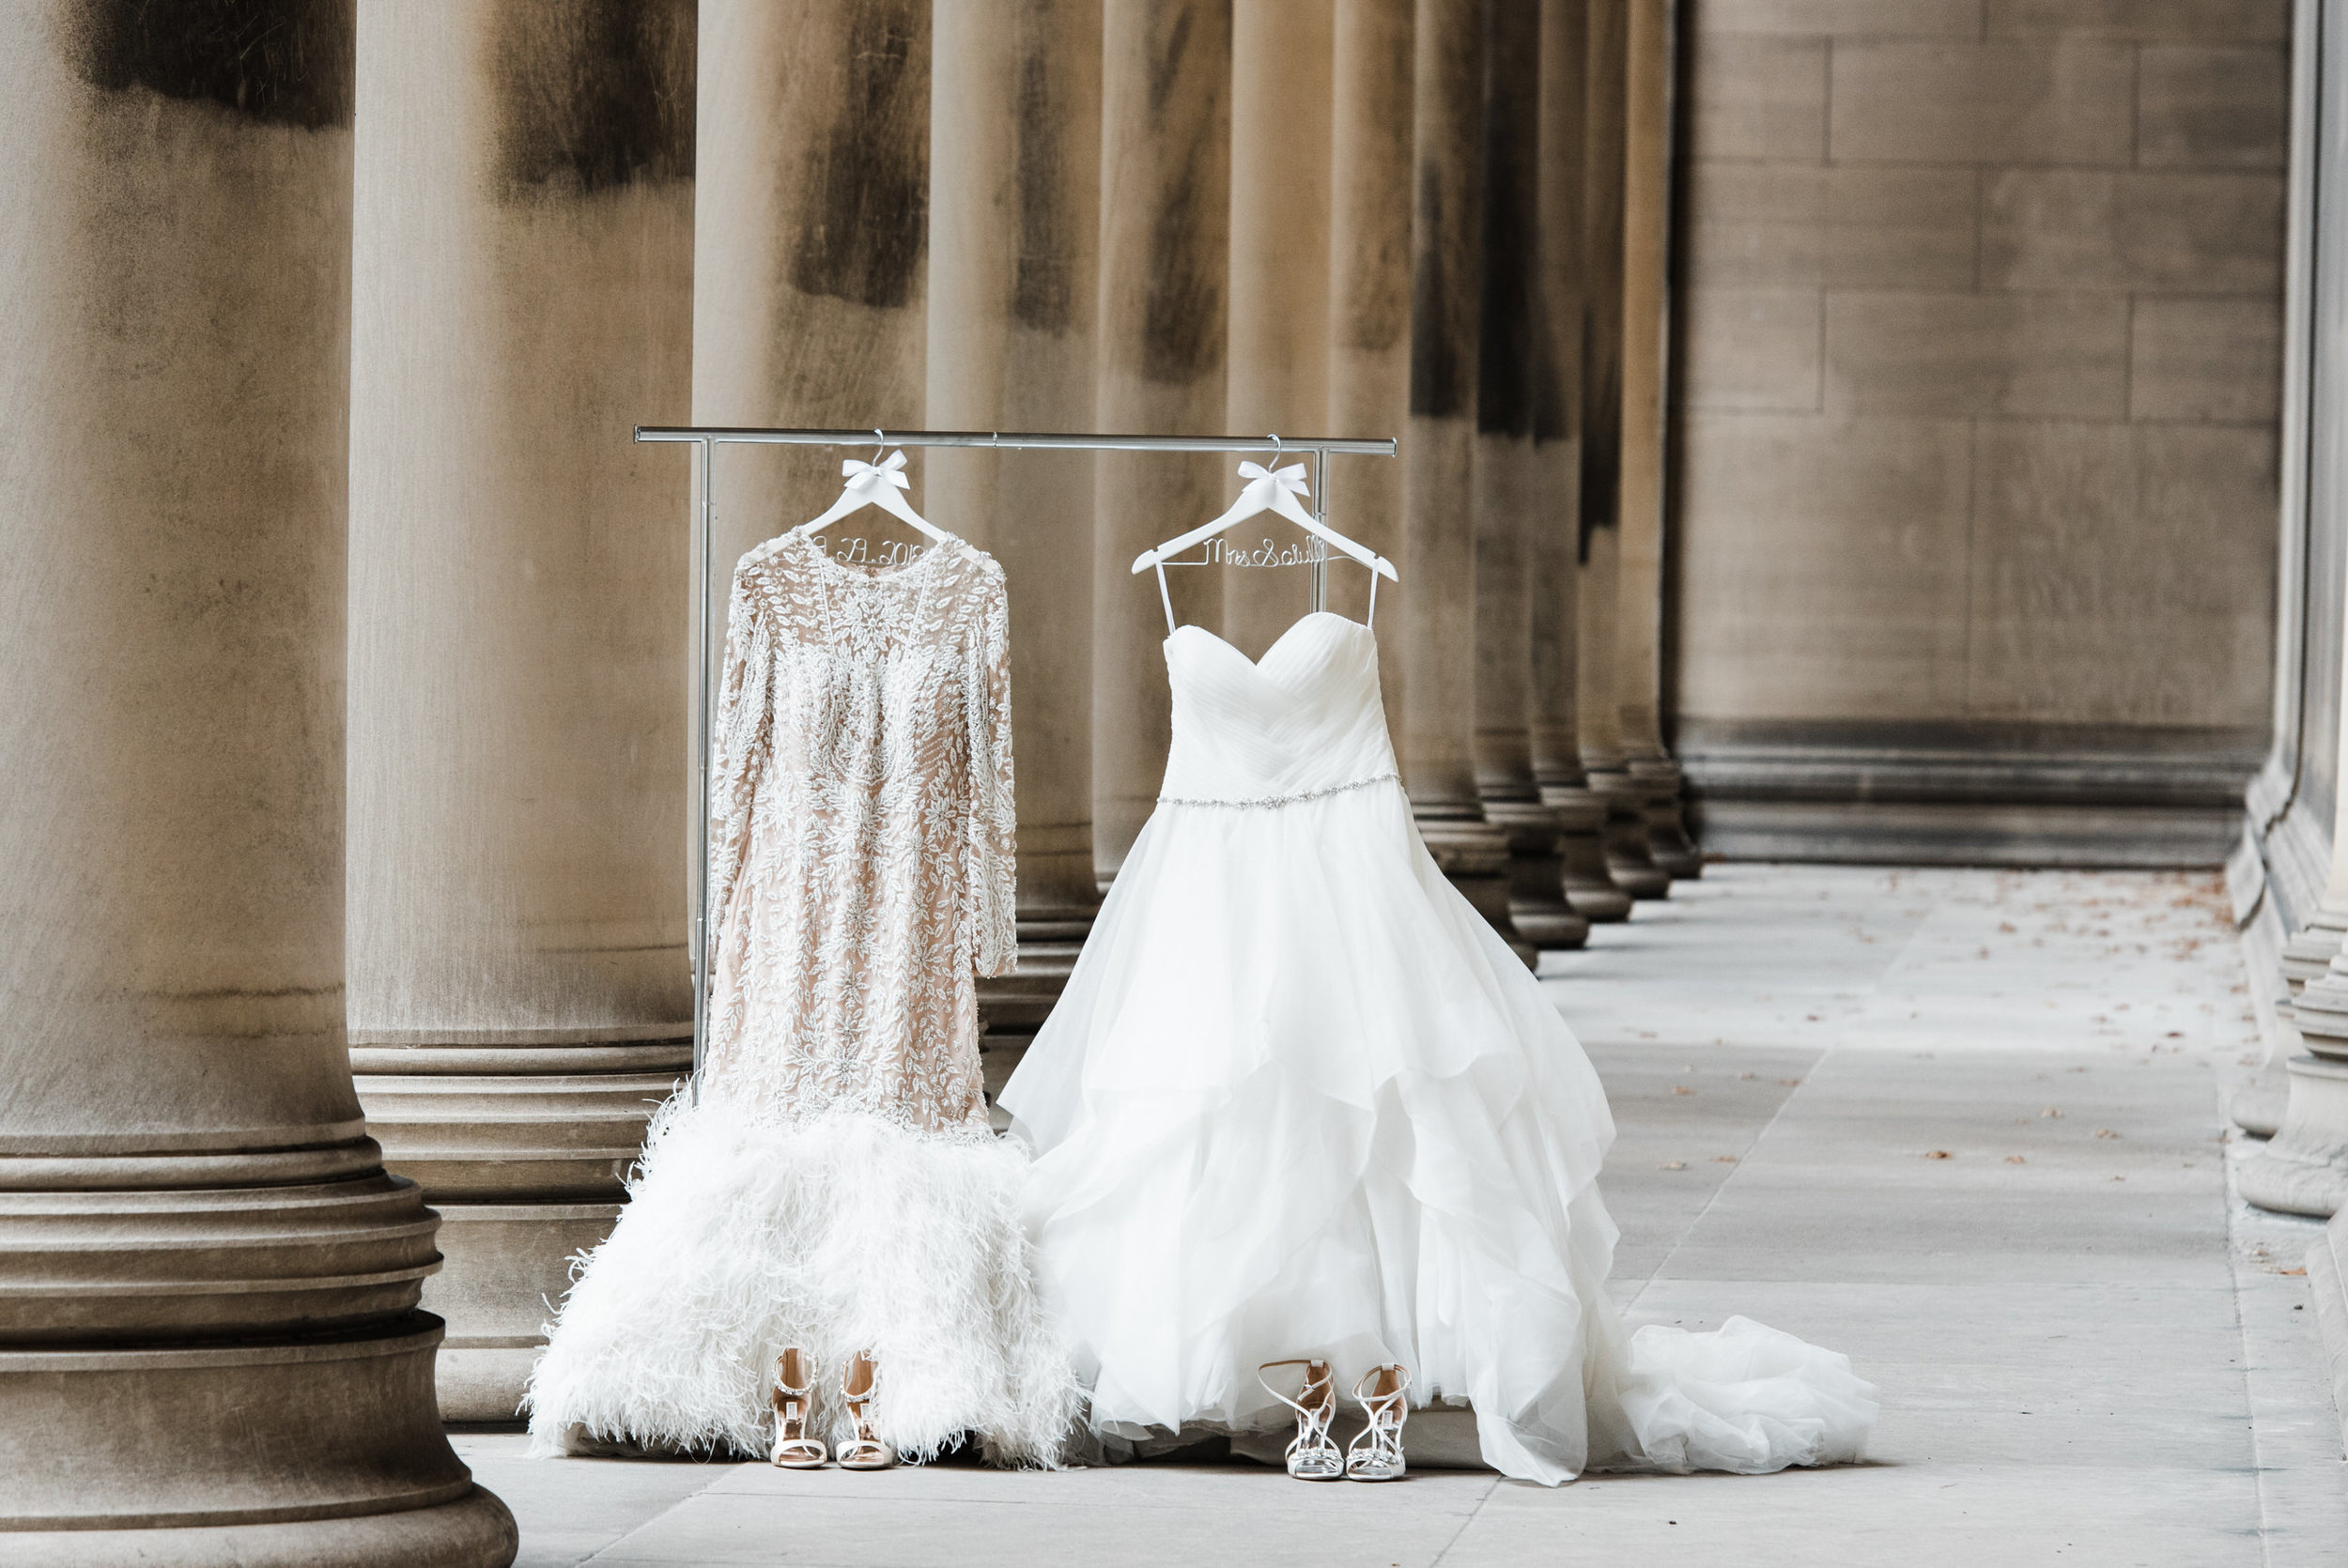 Carnegie-Museum-of-Natural-History-Pittsburgh-Wedding_25.jpg